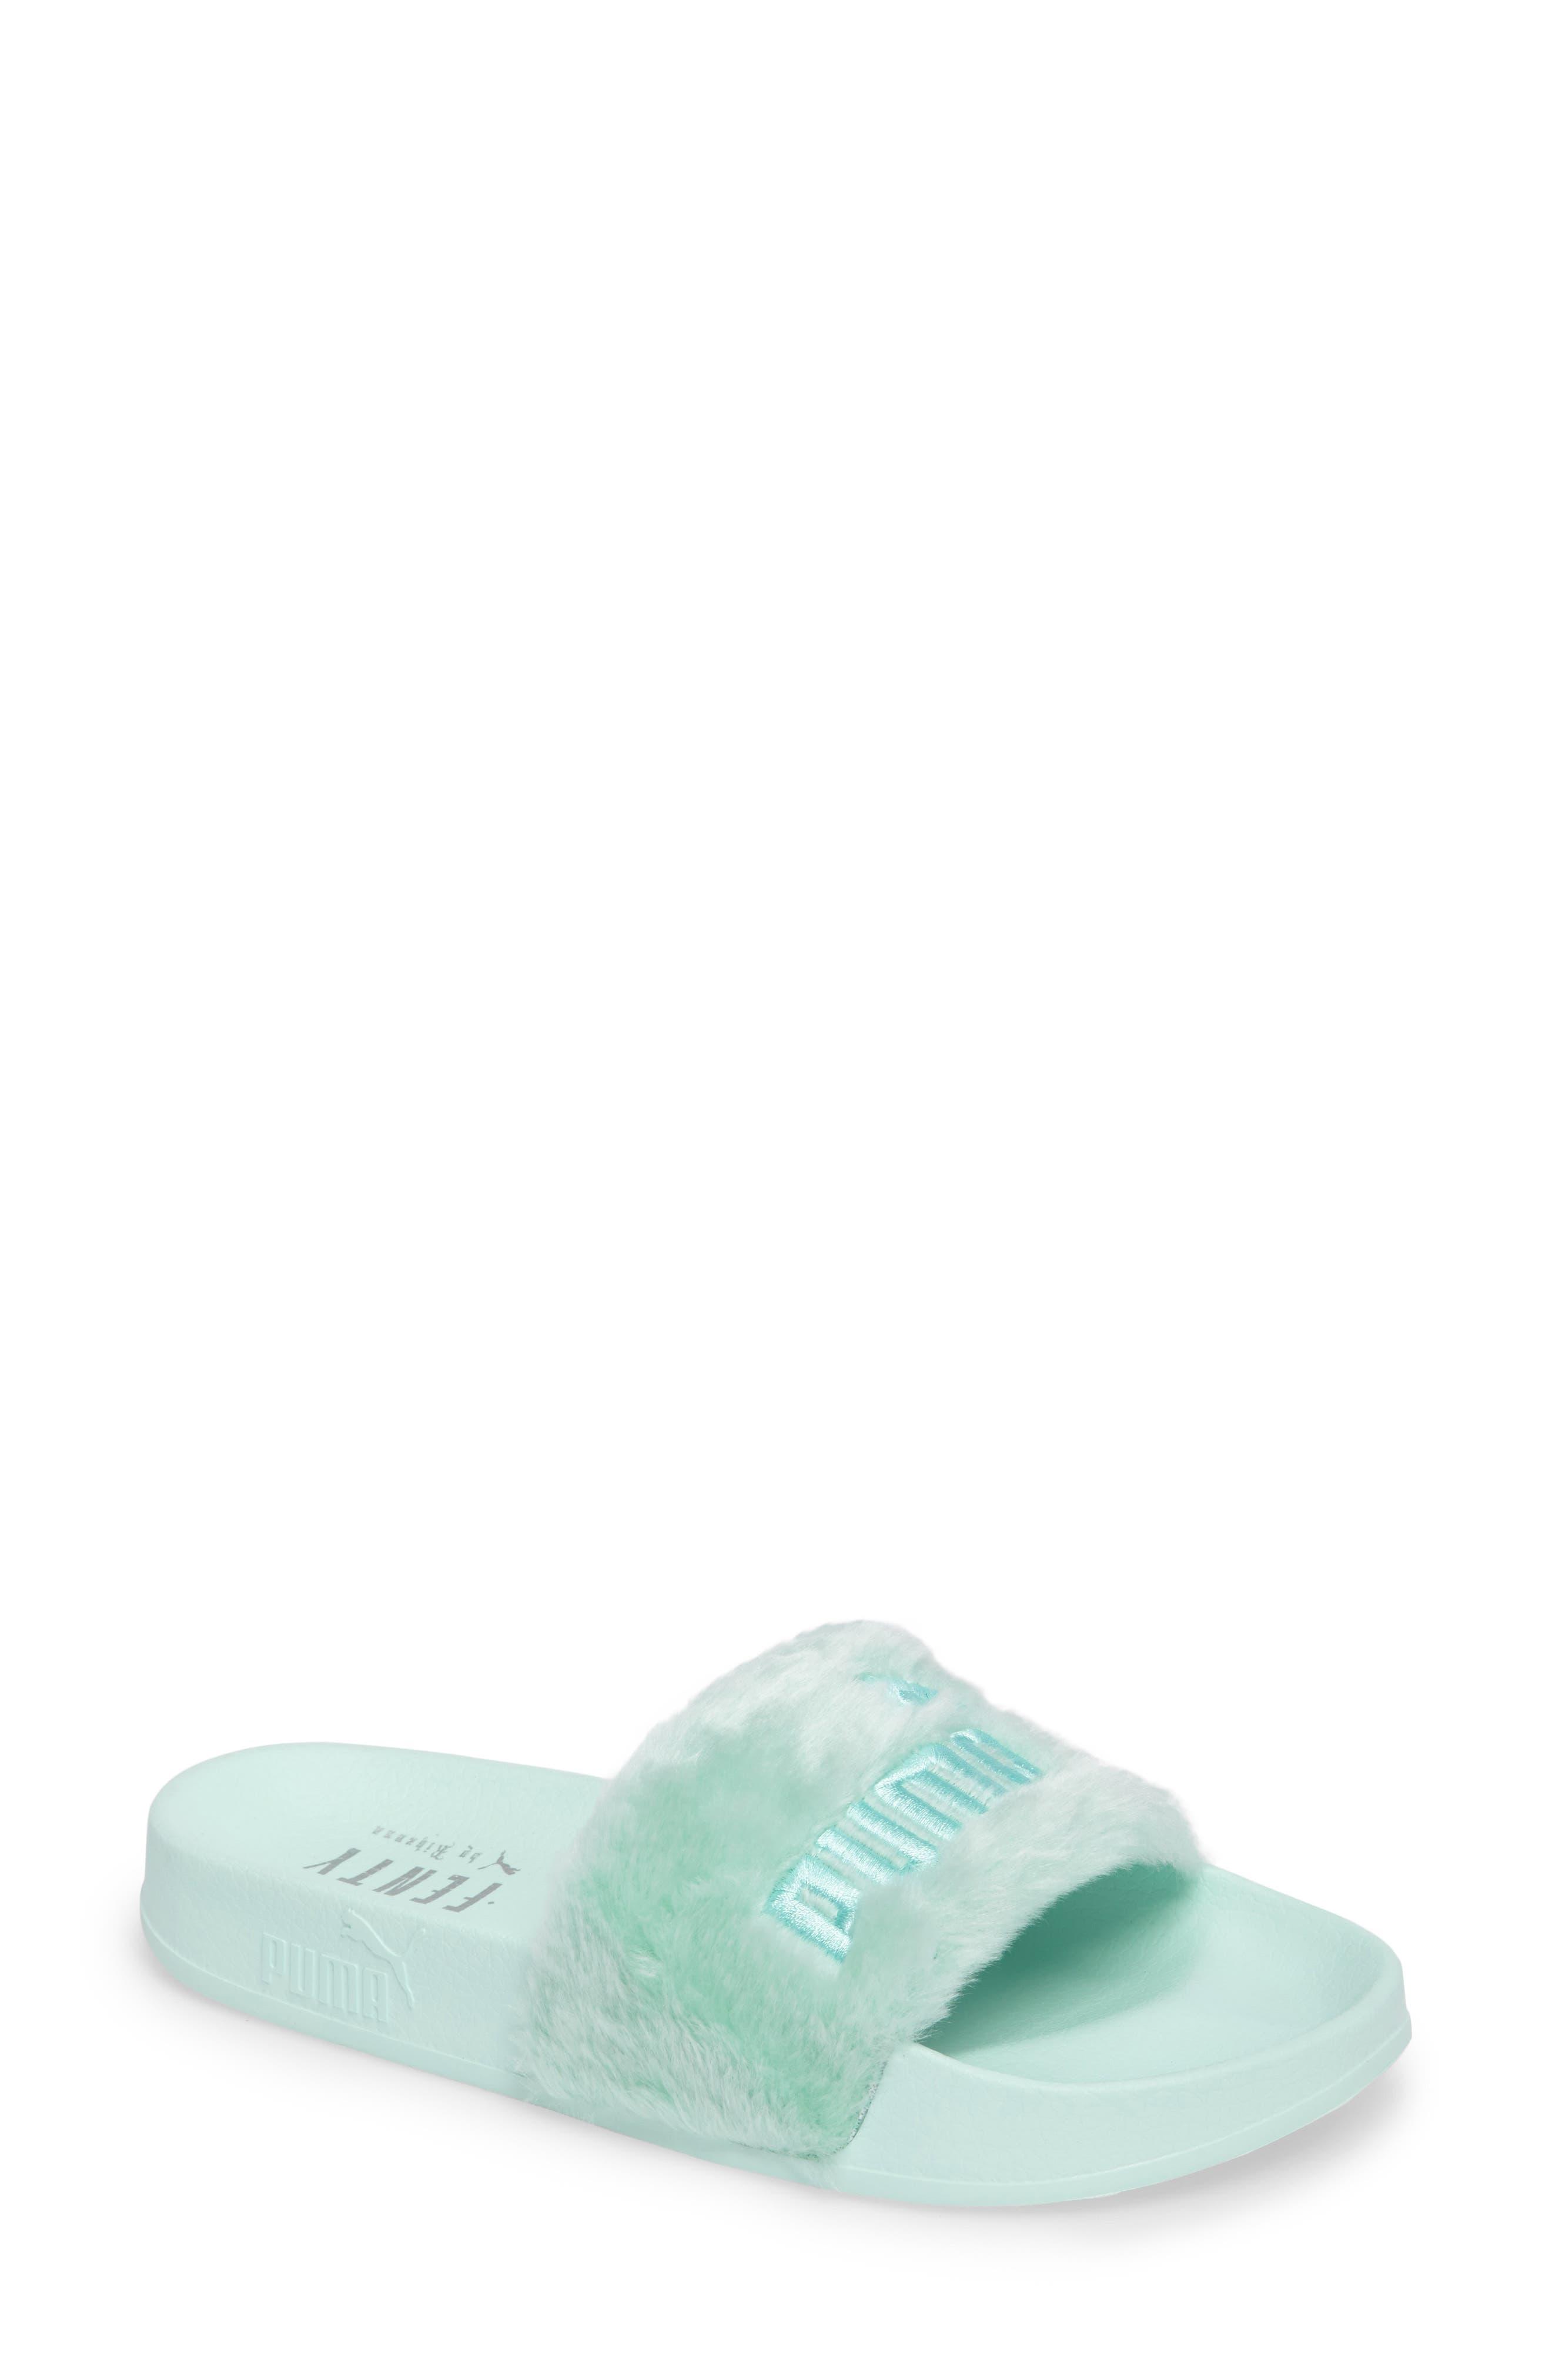 Alternate Image 1 Selected - FENTY PUMA by Rihanna 'Leadcat Fenty' Faux Fur Slide Sandal (Women)